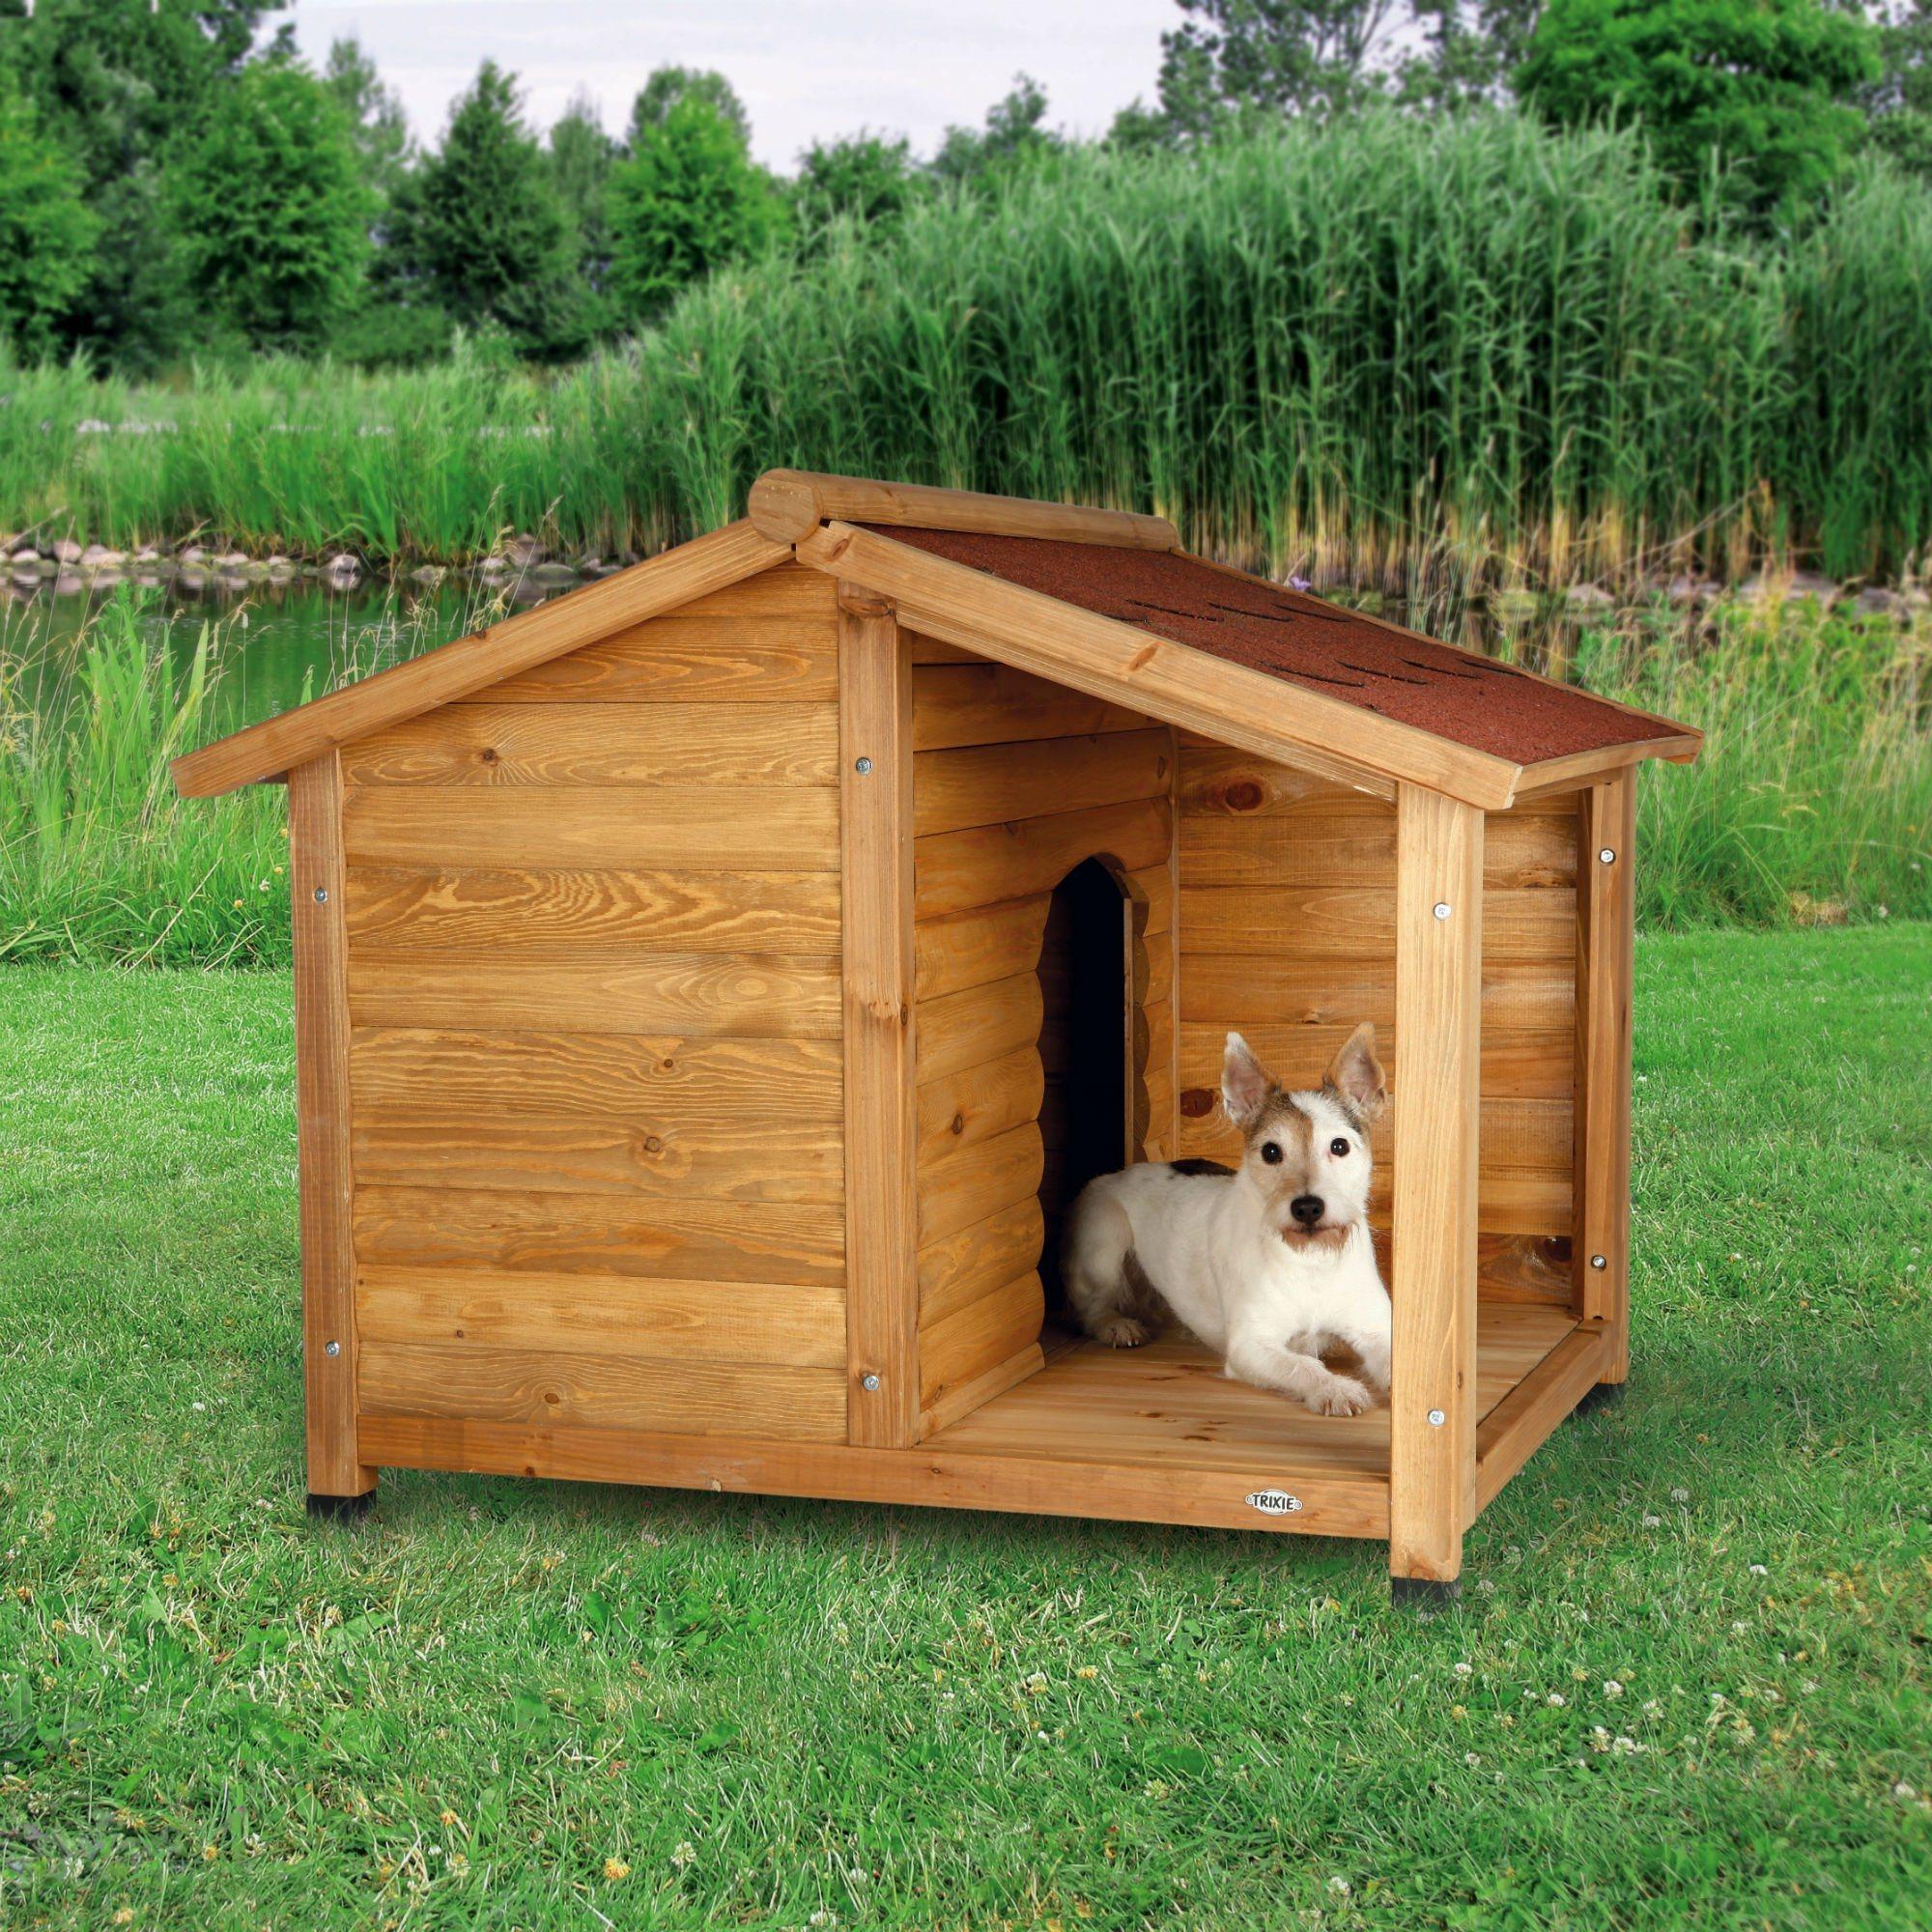 hundehütte preisvergleich • die besten angebote online kaufen